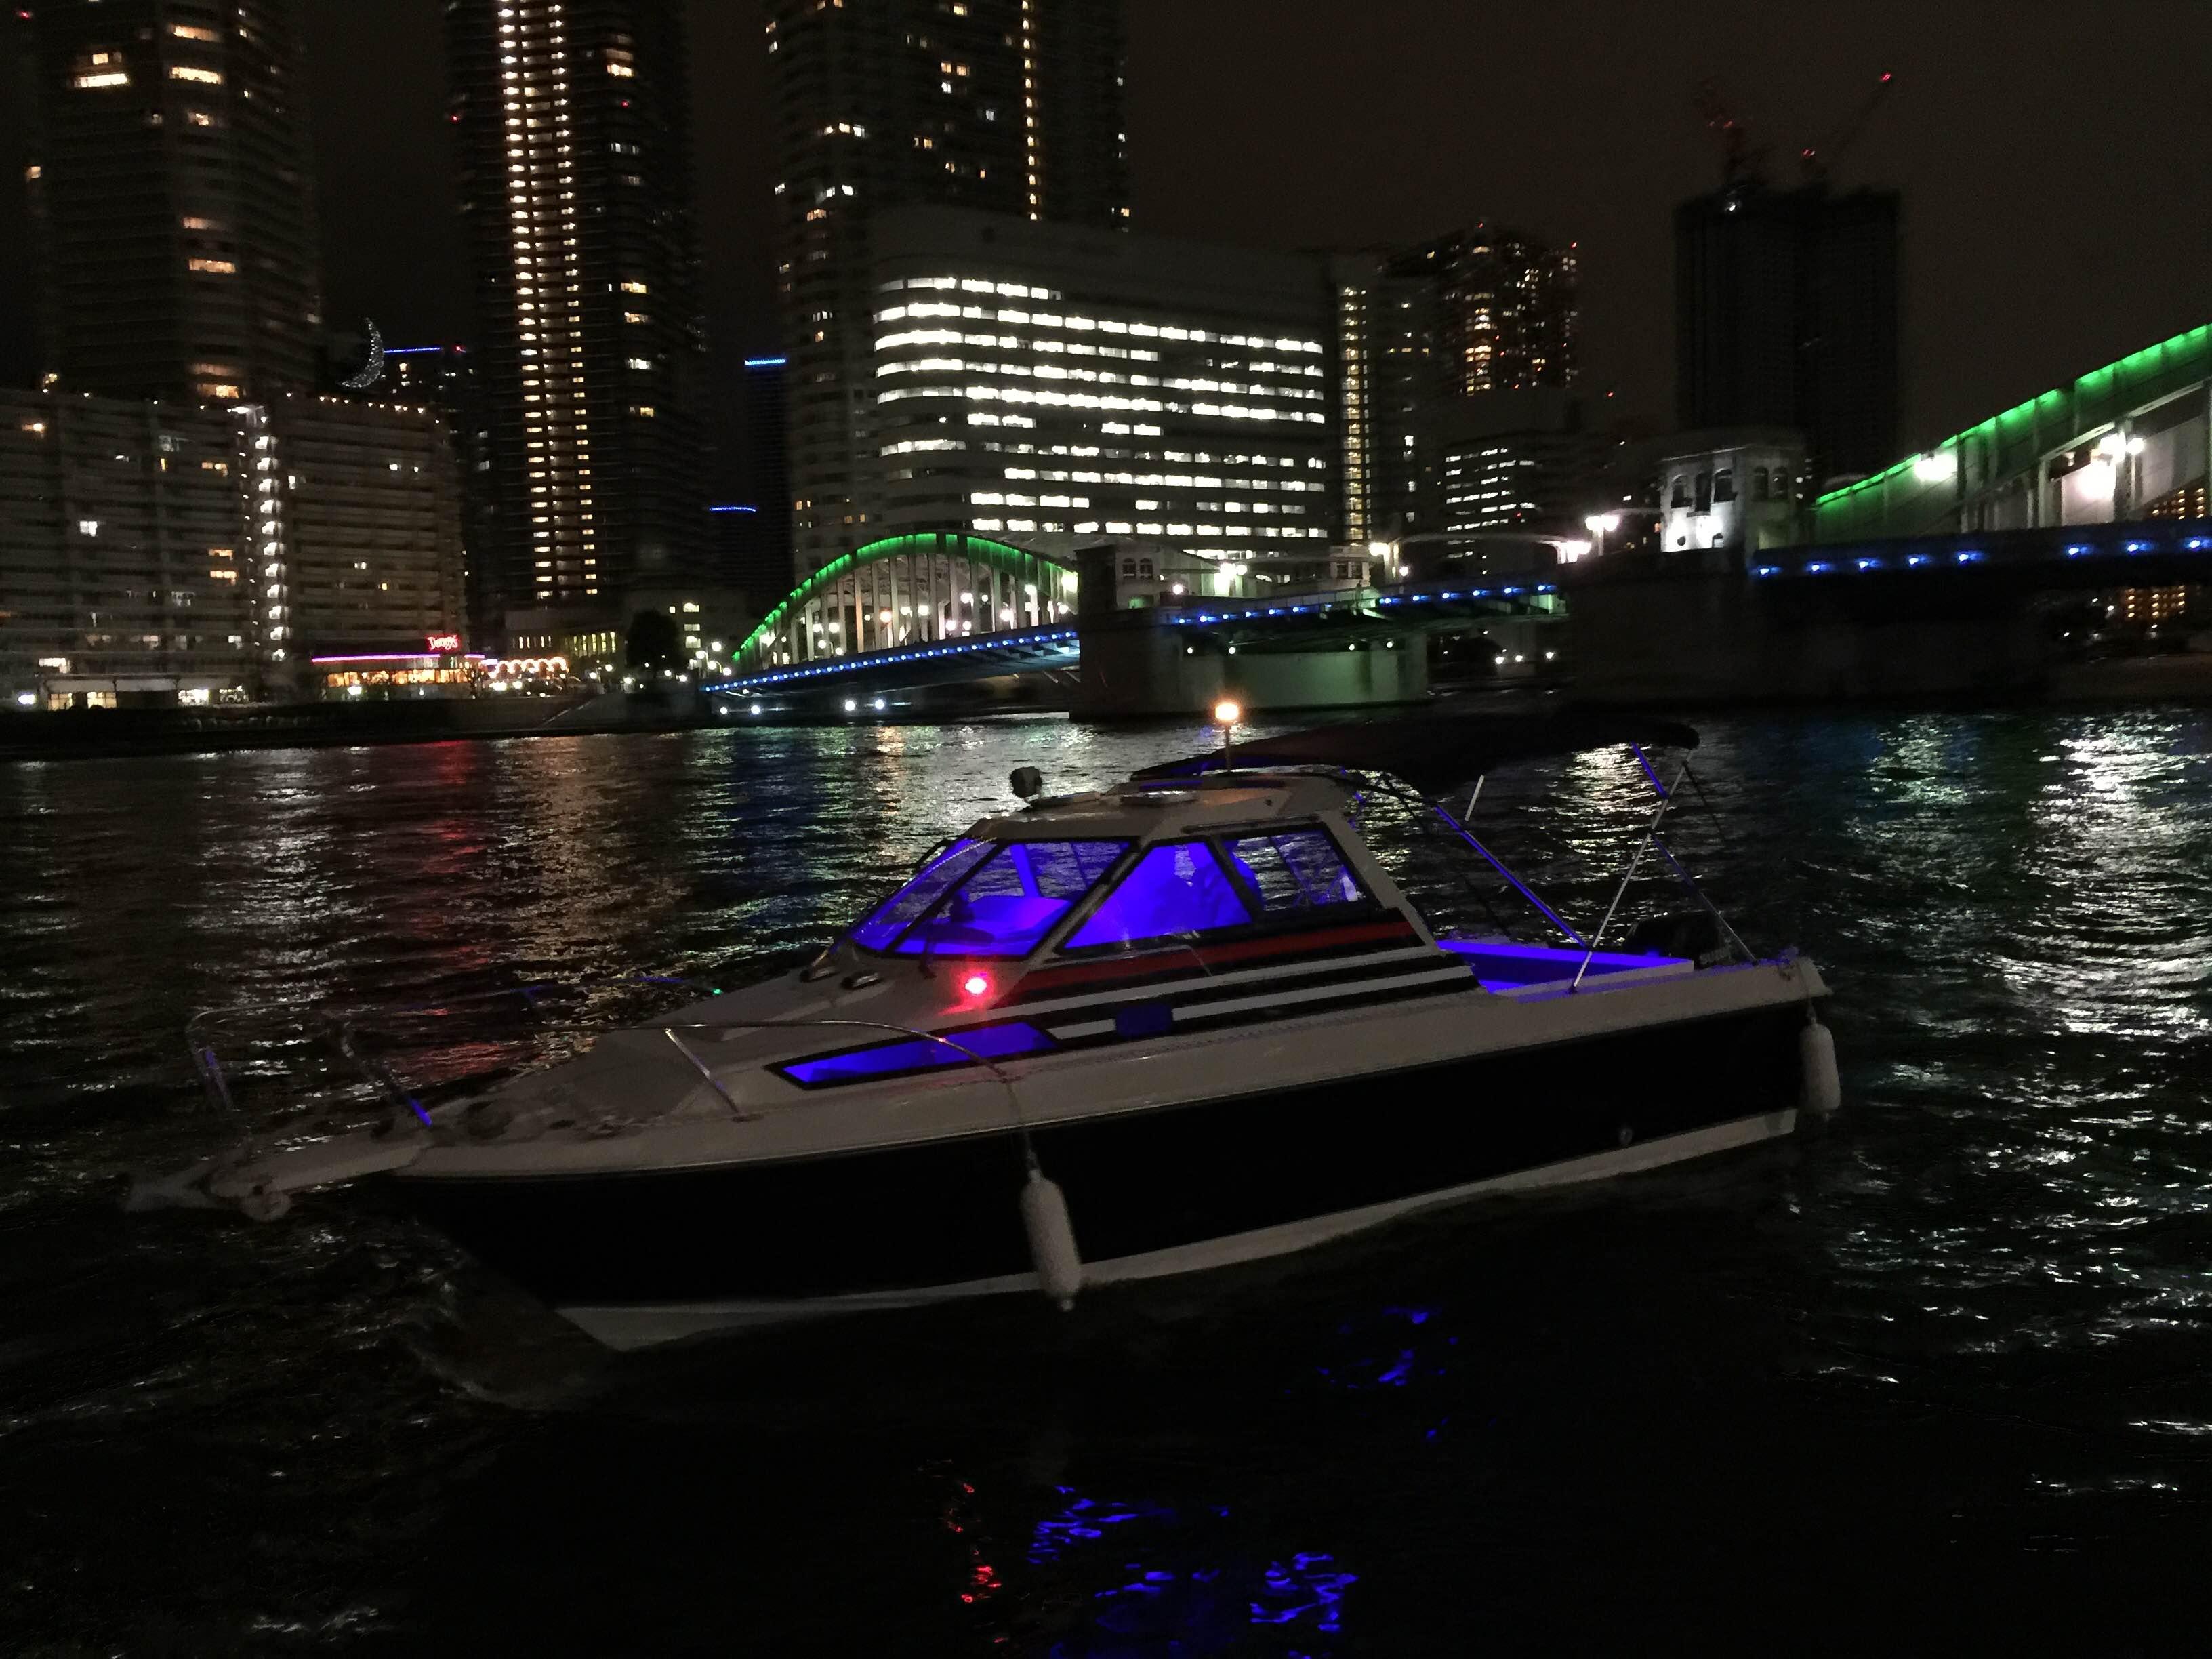 夜の水辺に浮かぶ船